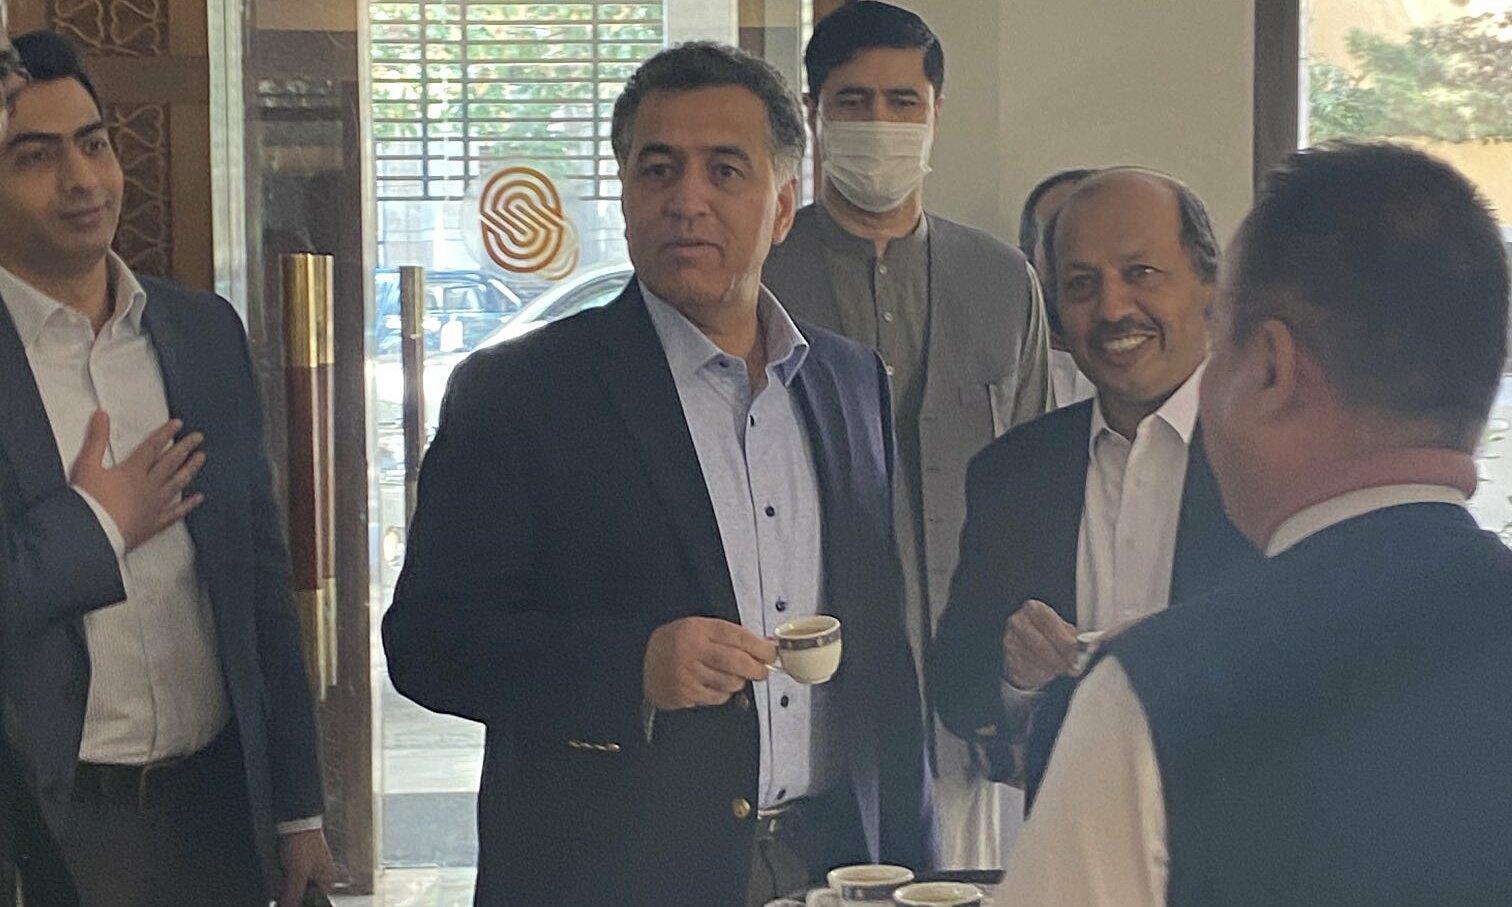 Tổng giám đốc ISI Paiz Hameed xuất hiện tại Kabul vào ngày 4/9. Ảnh chụp màn hình ANI.